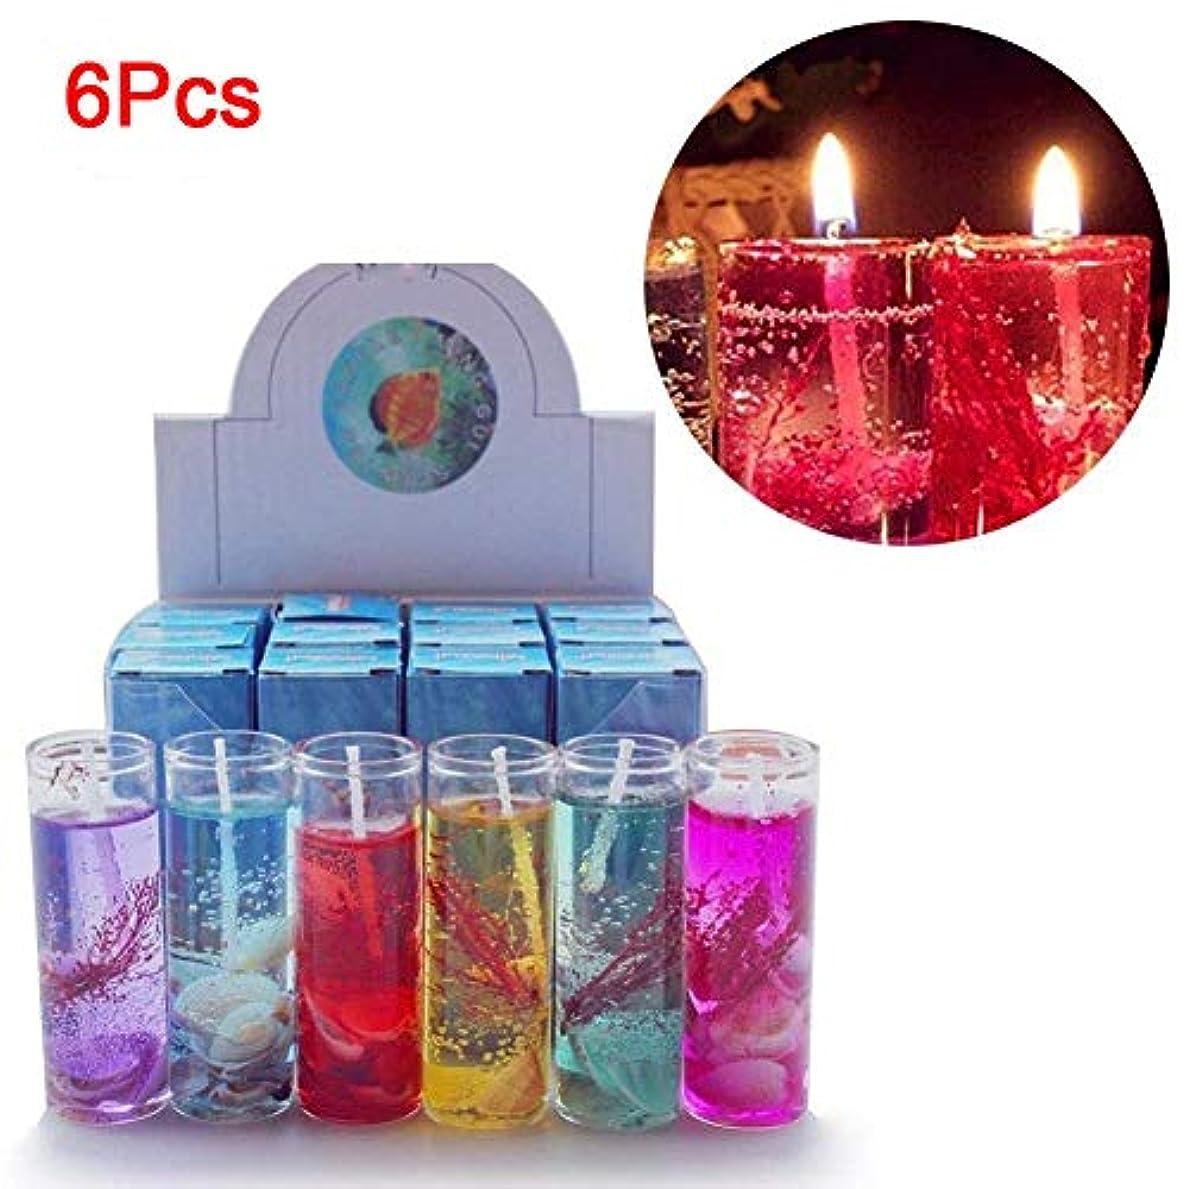 質素な合併症姿を消すHacloser 6Pcs Ocean Jelly Aromatherapy Candles Wedding Valentines Romantic Scented Candle, Random Colour